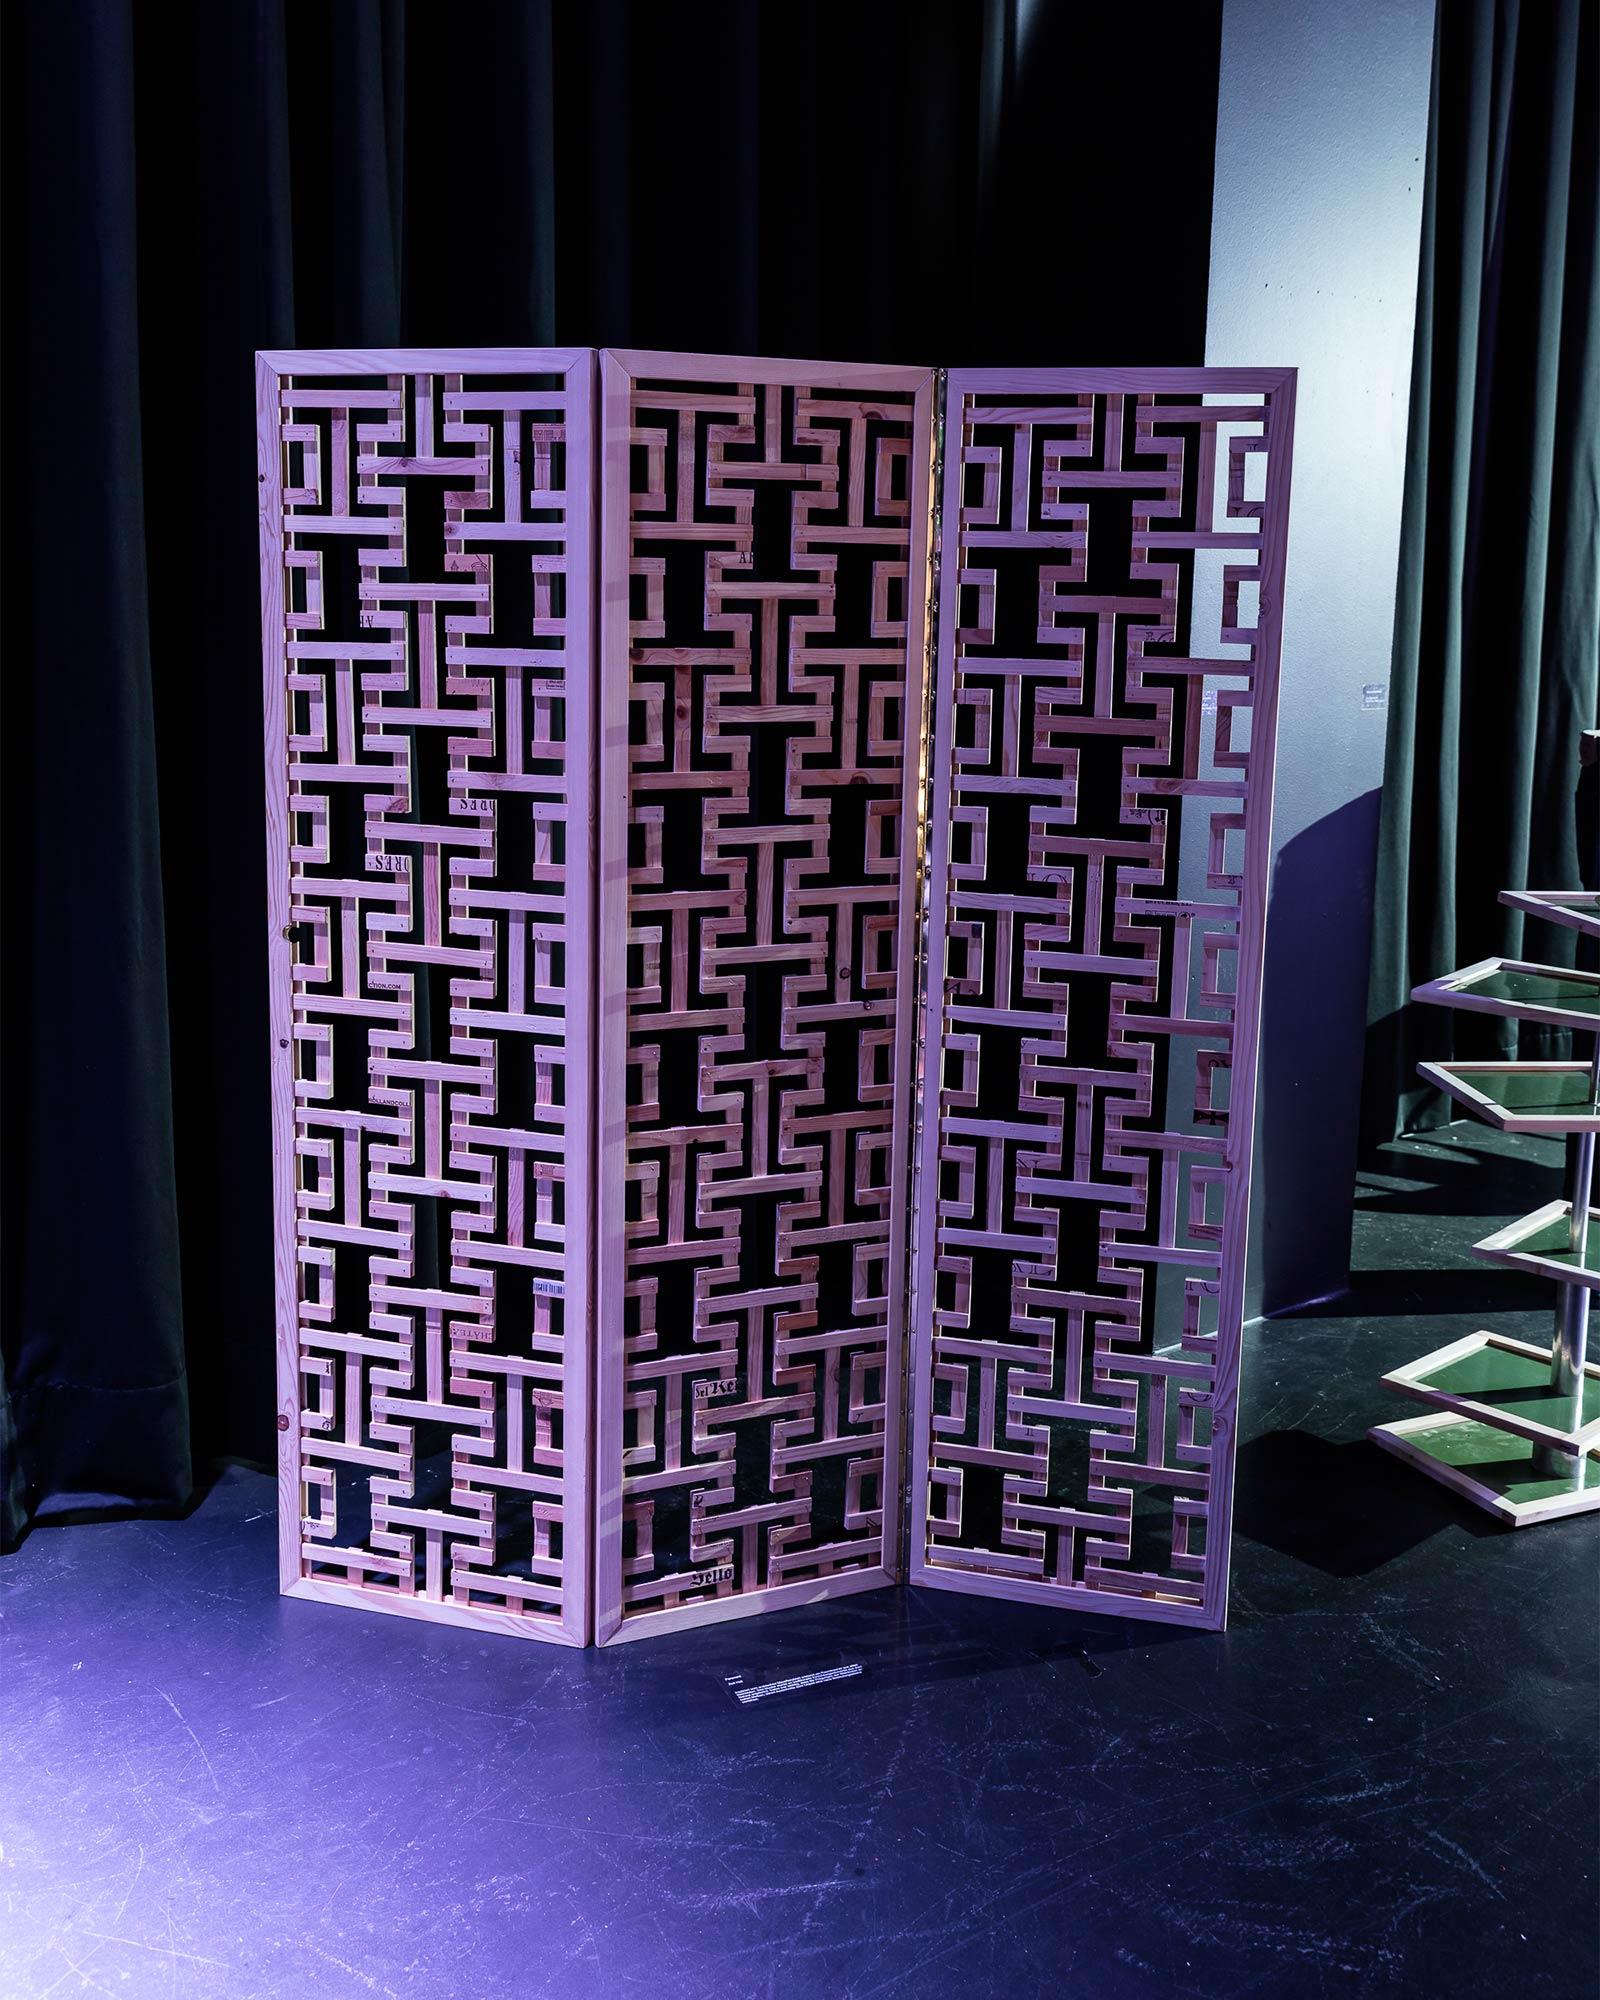 Zoe Hall «Bachelor-Projekt Design. Raumtrennwand aus Weinkistenholz» | LGK Lehrberufe für Gestaltung und Kunst, Diplom 2016